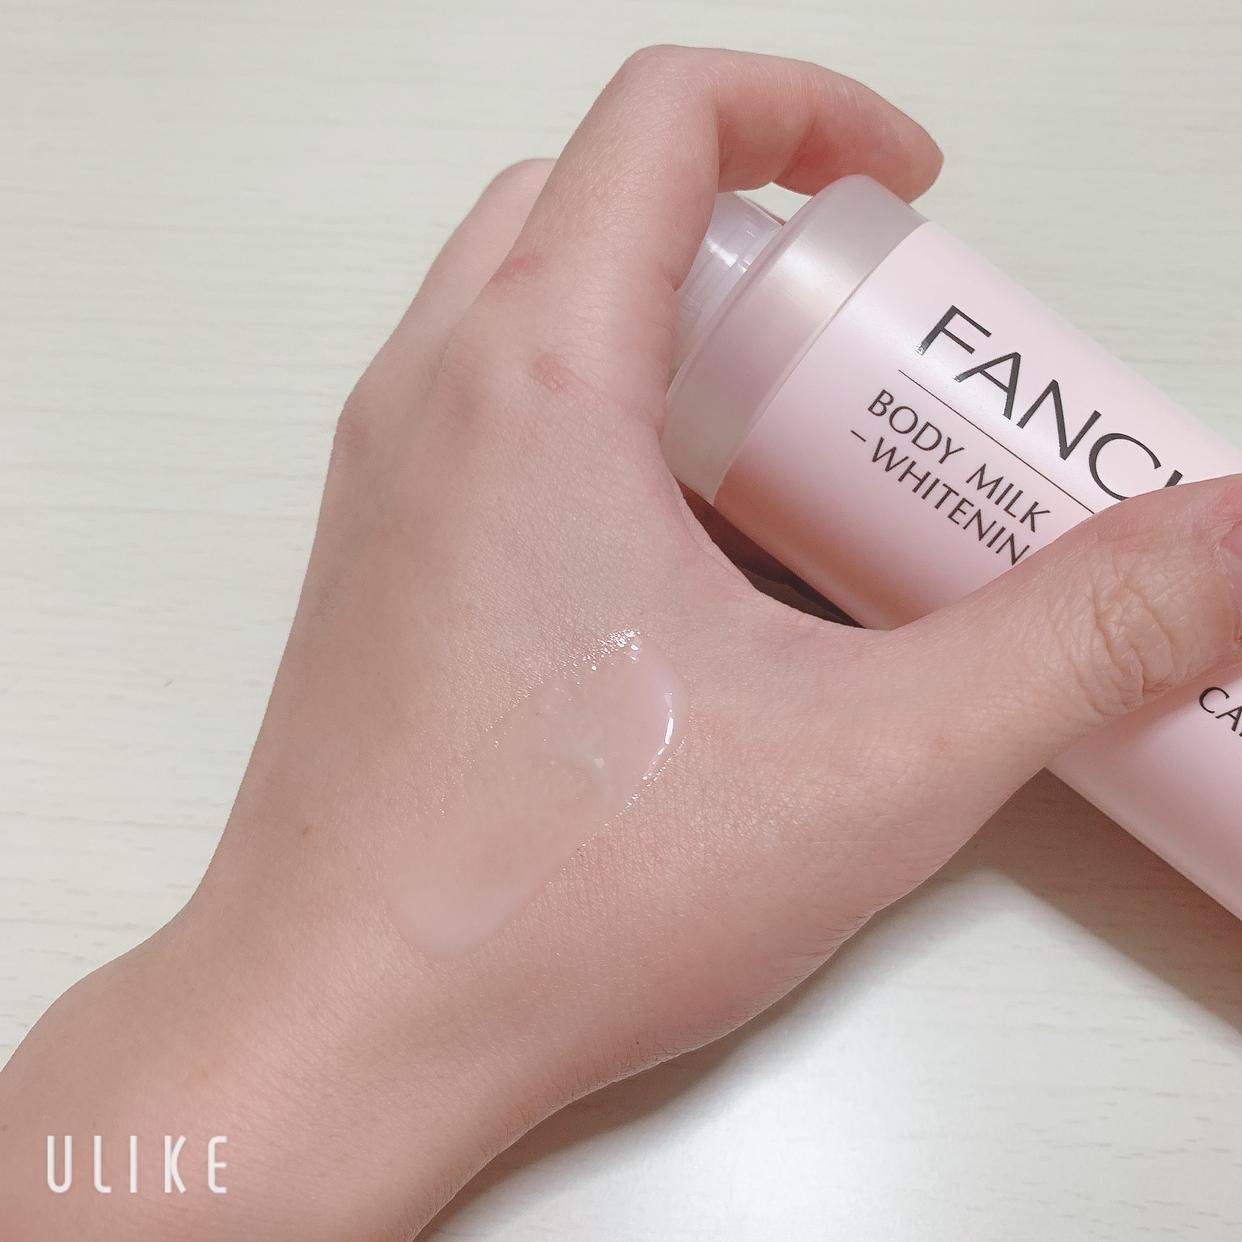 FANCL(ファンケル) ボディミルク 美白&エイジングケアを使ったereさんのクチコミ画像3